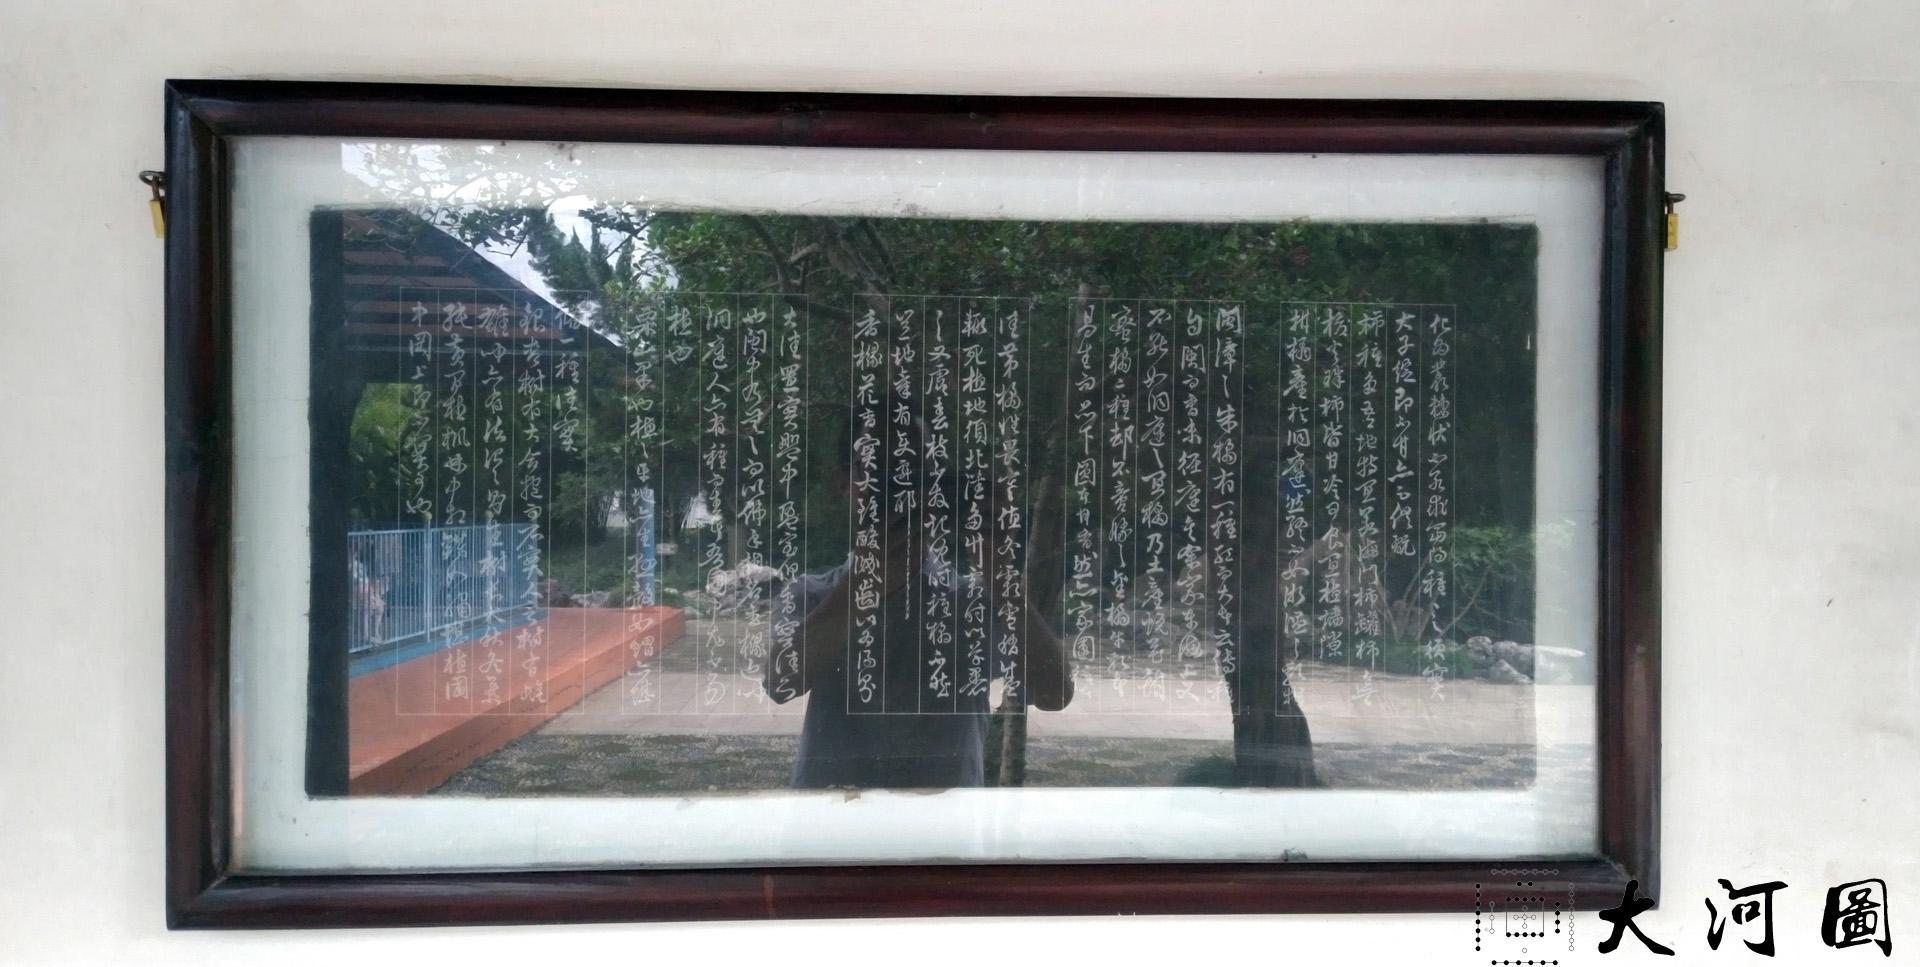 太仓弇山园石刻书法碑 石狮子 墨妙亭 这里是太仓 摄影 第22张